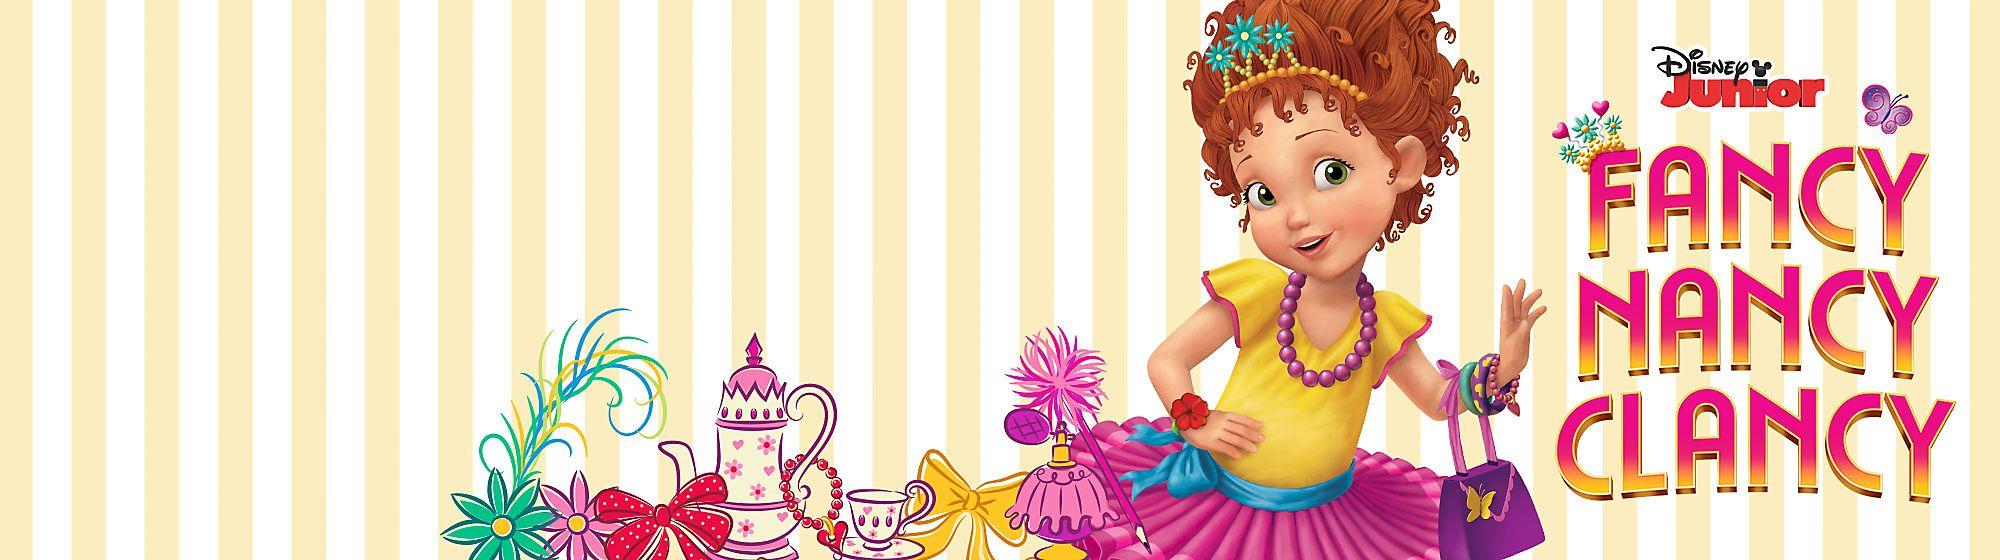 Fancy Nancy Clancy Ullallà! Fancy Nancy sarà la protagonista della nostra fantastica collezione di giocattoli, costumi, abiti e tanto altro